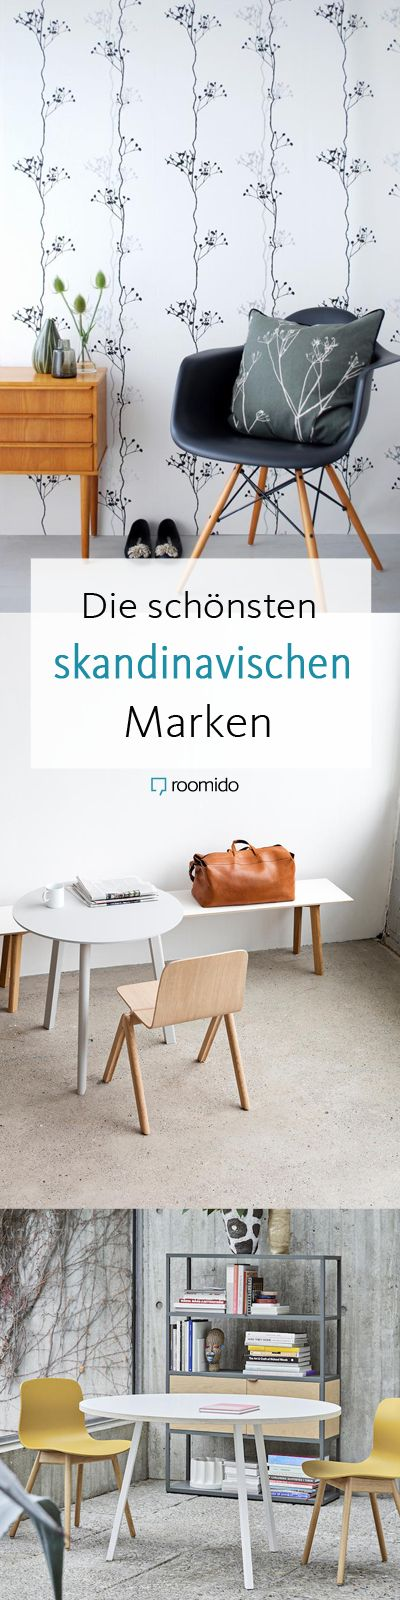 Diese Sieben Skandinavischen Marken Sind Aus Der Design Welt Nicht Mehr  Wegzudenken U2013 Deshalb Möchten